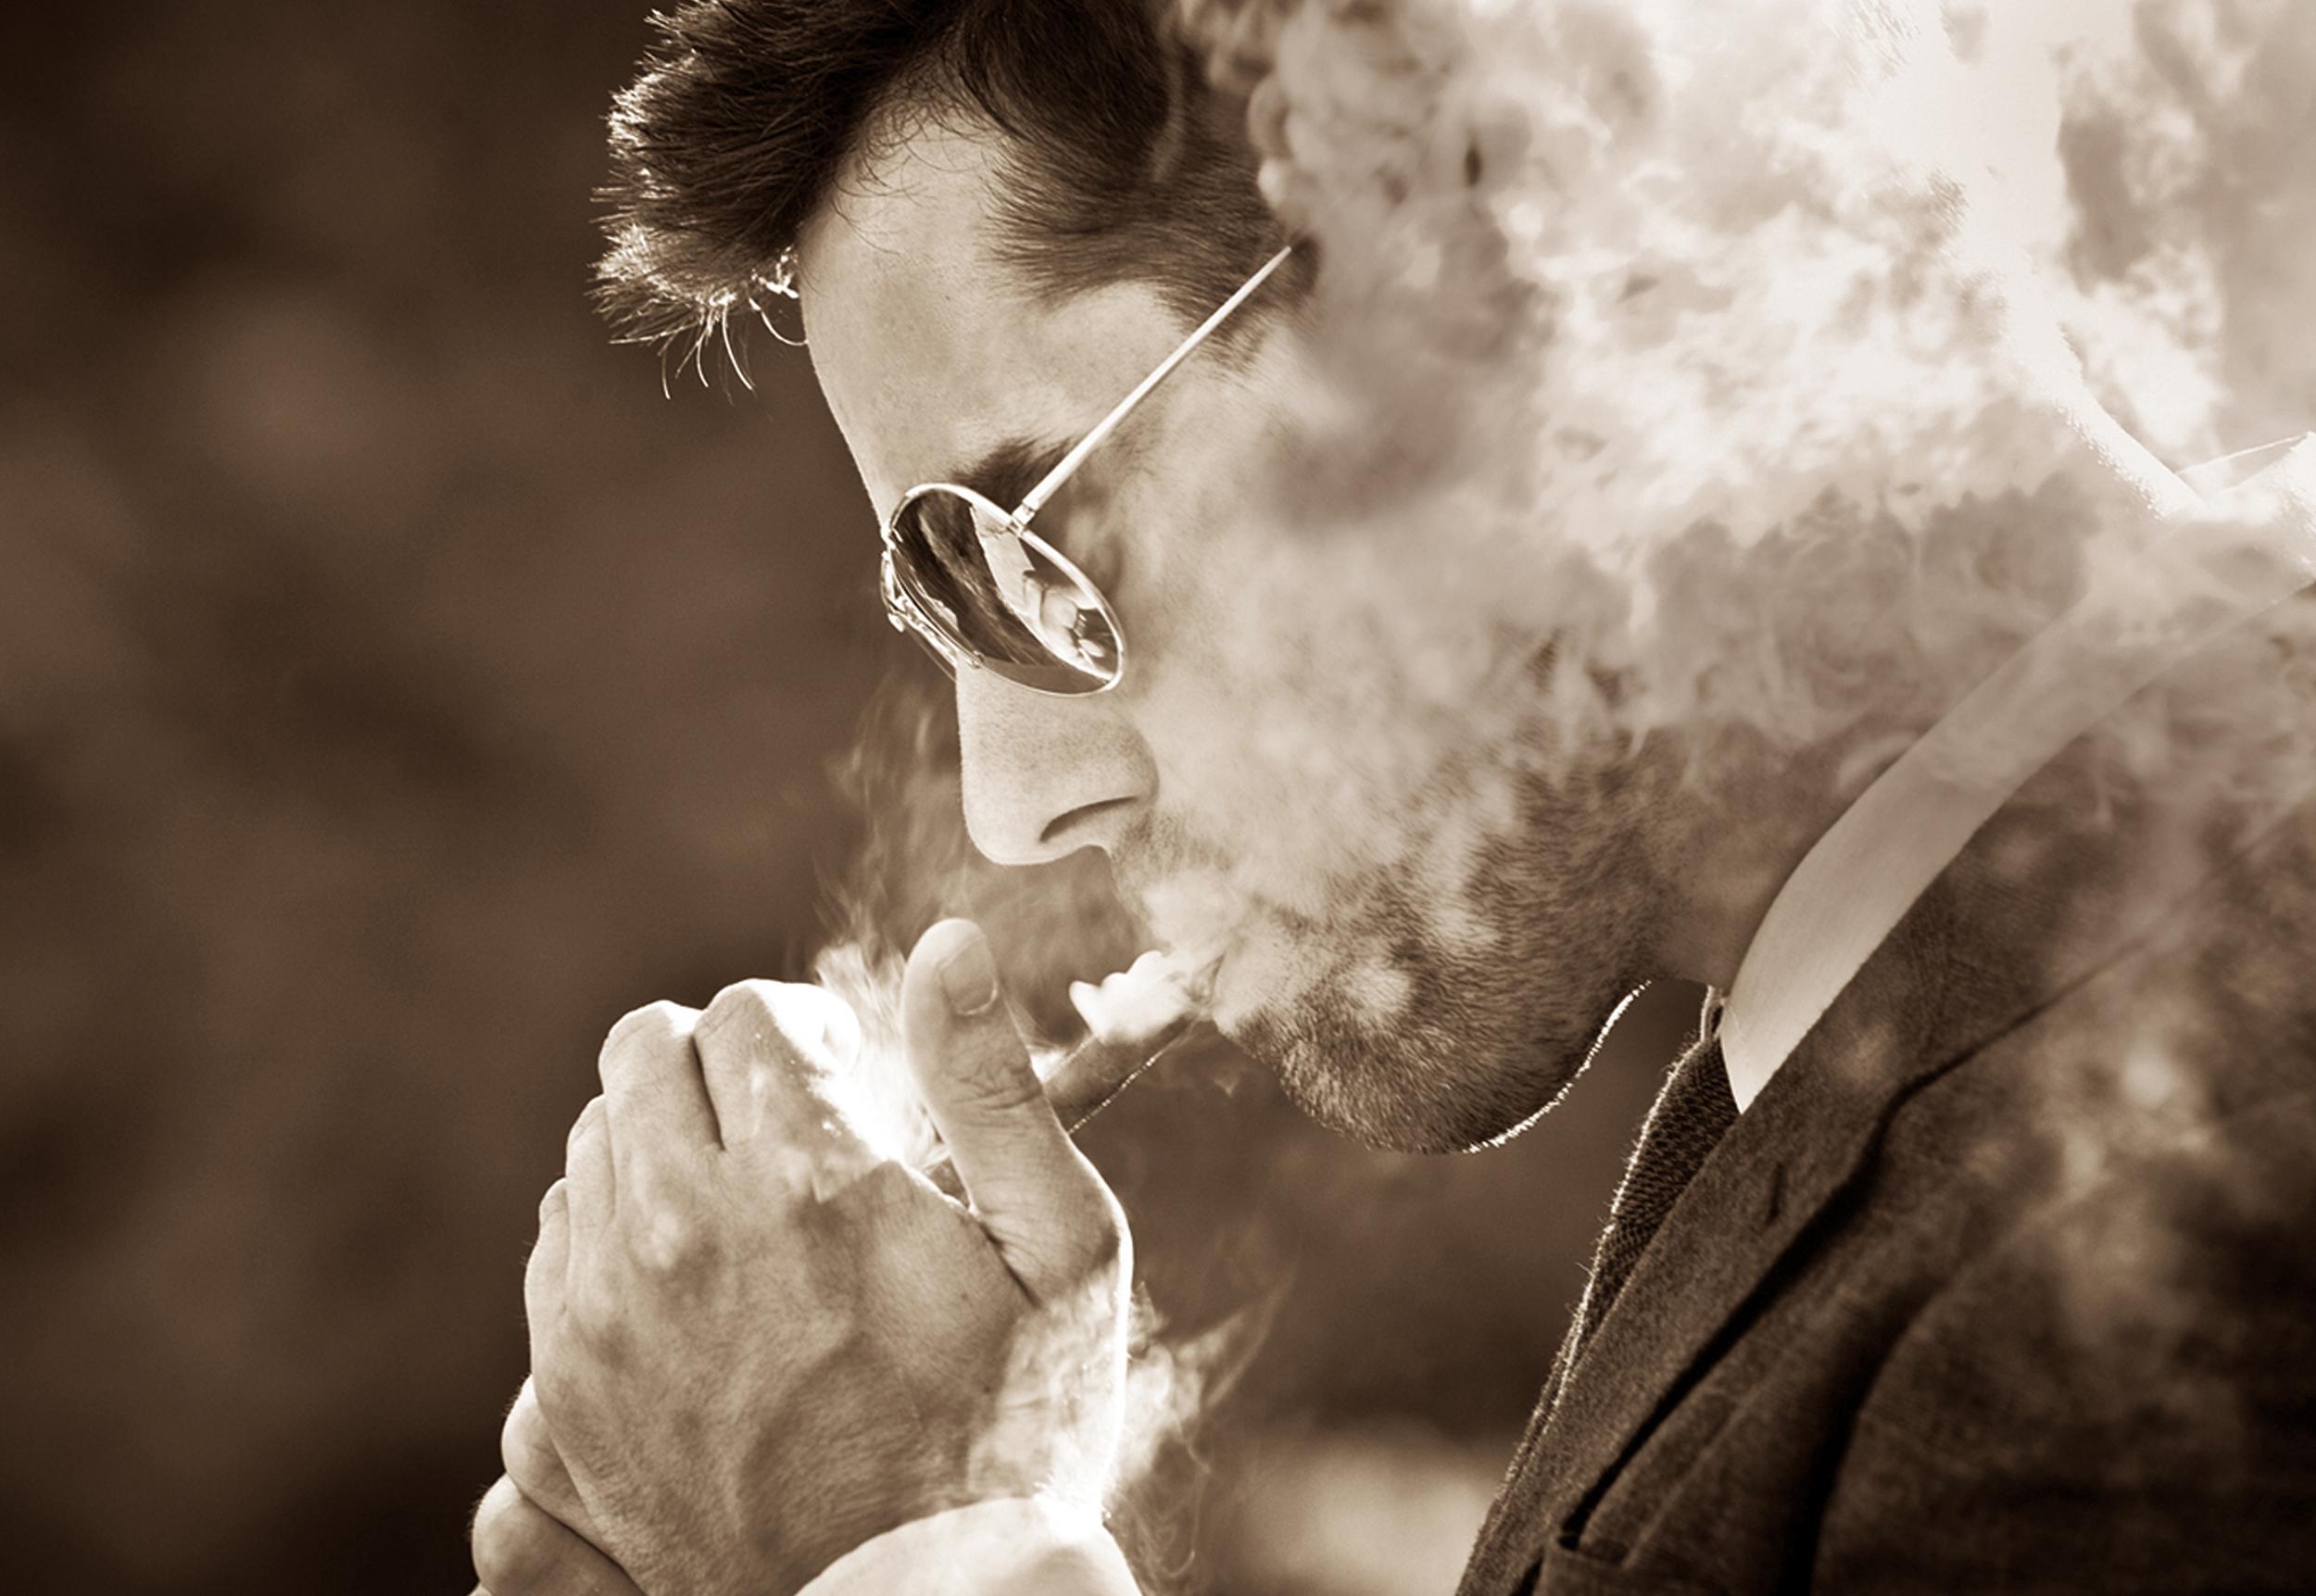 Cigar Smoker by Kimball Hall